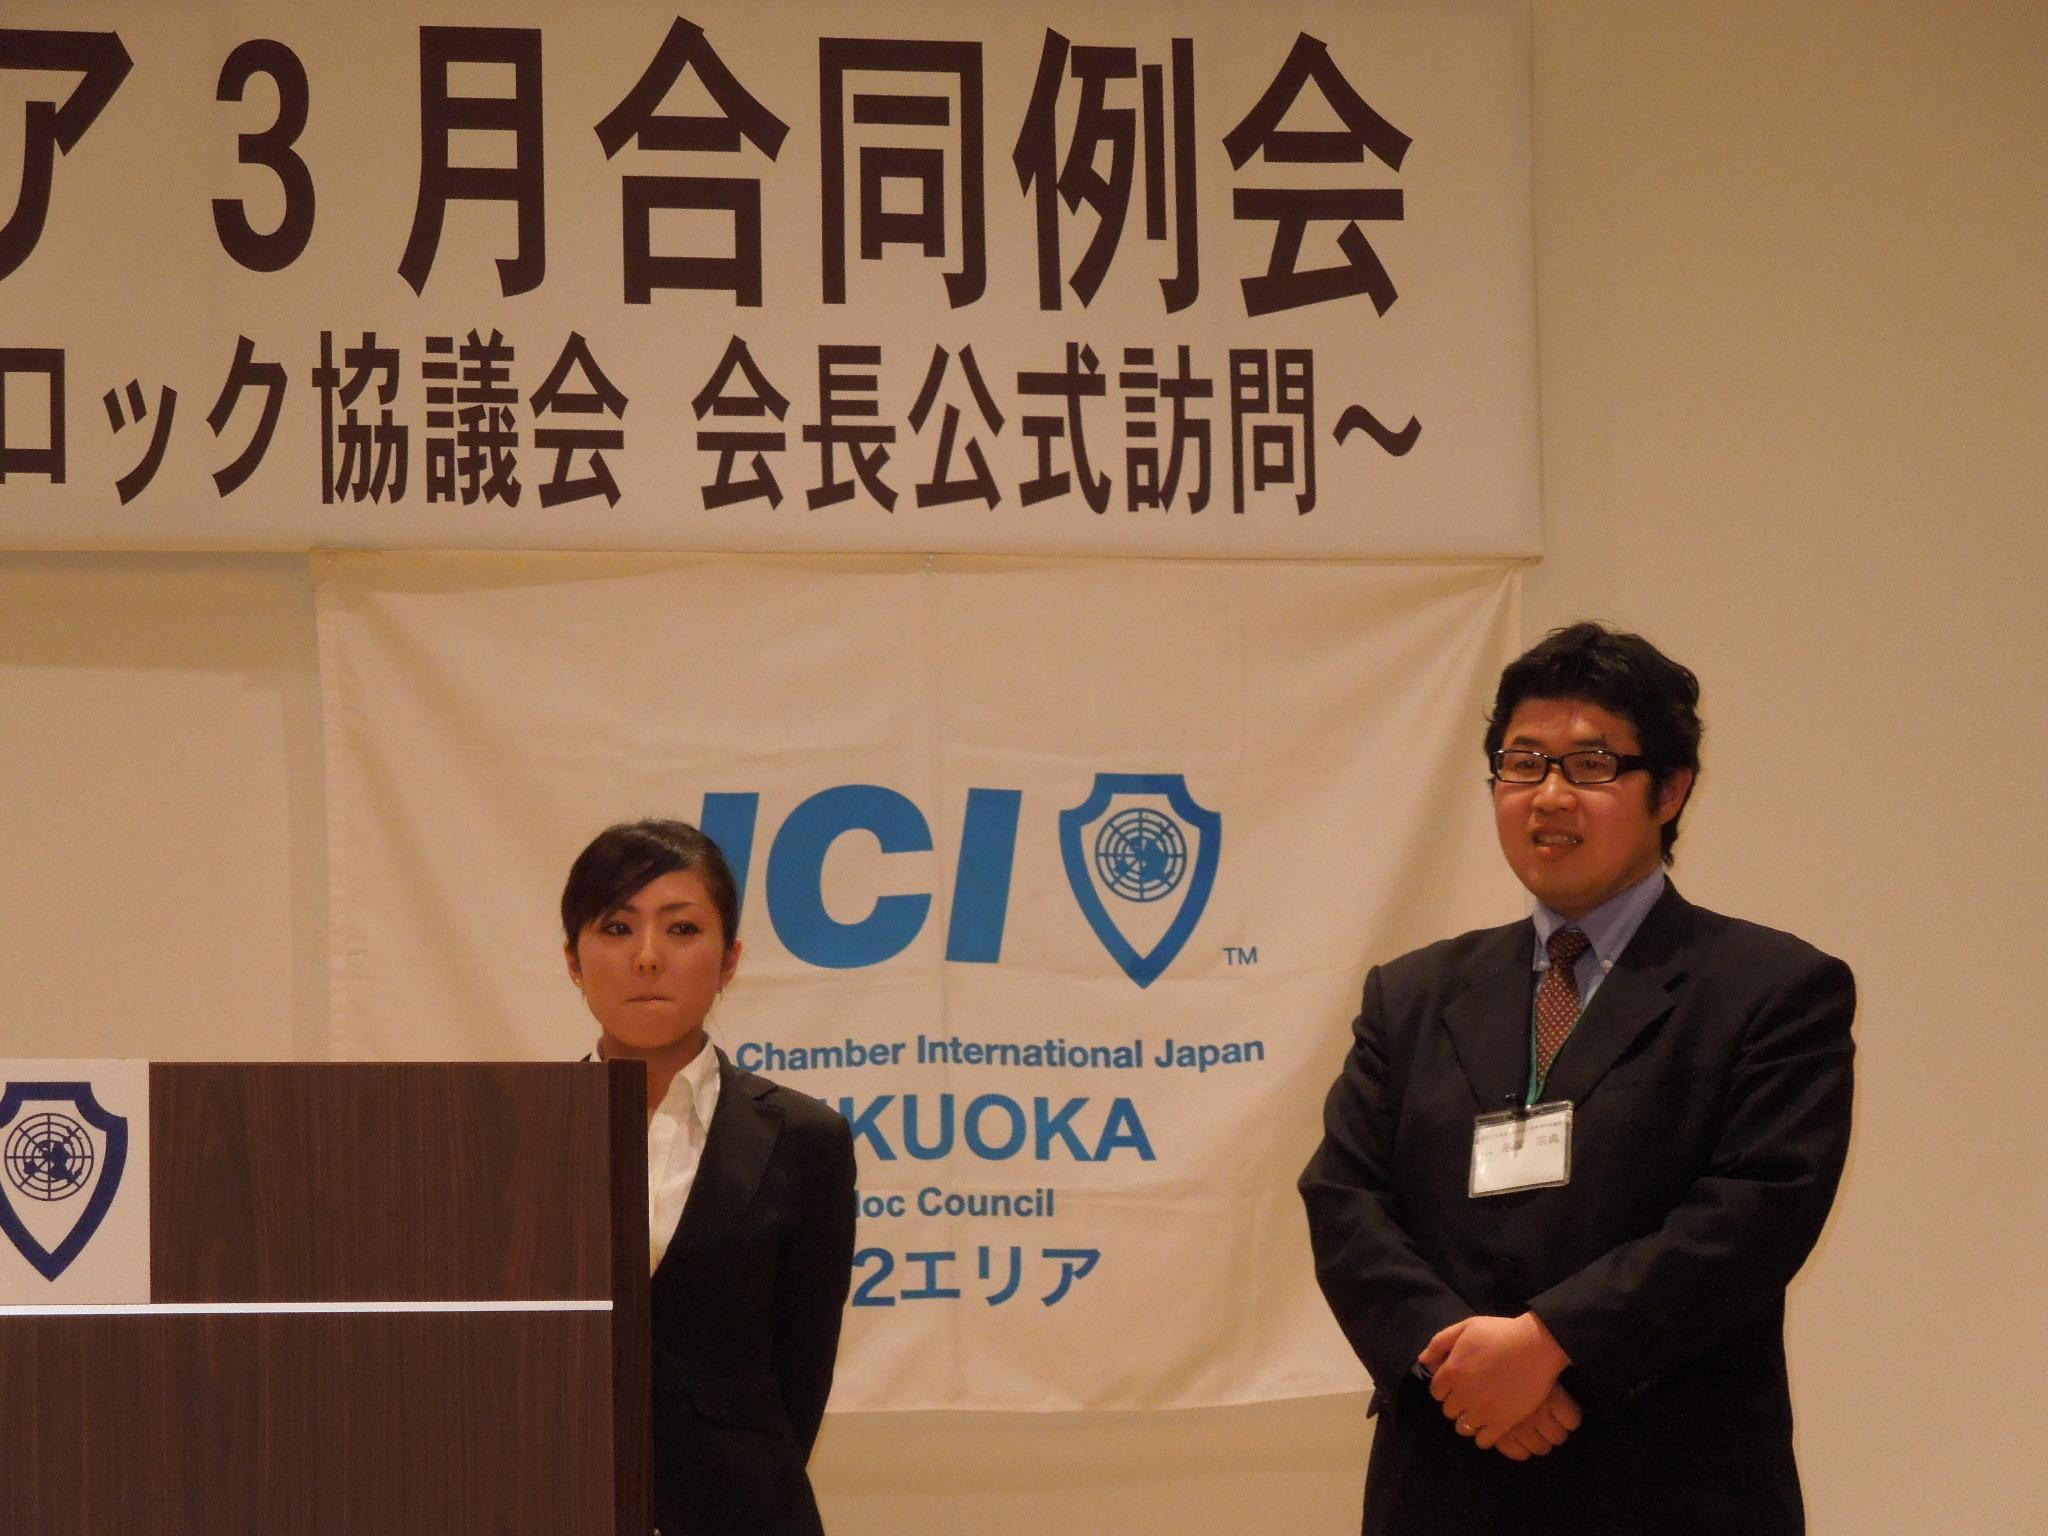 http://www.munakatajc.com/active/DSCN0624.JPG